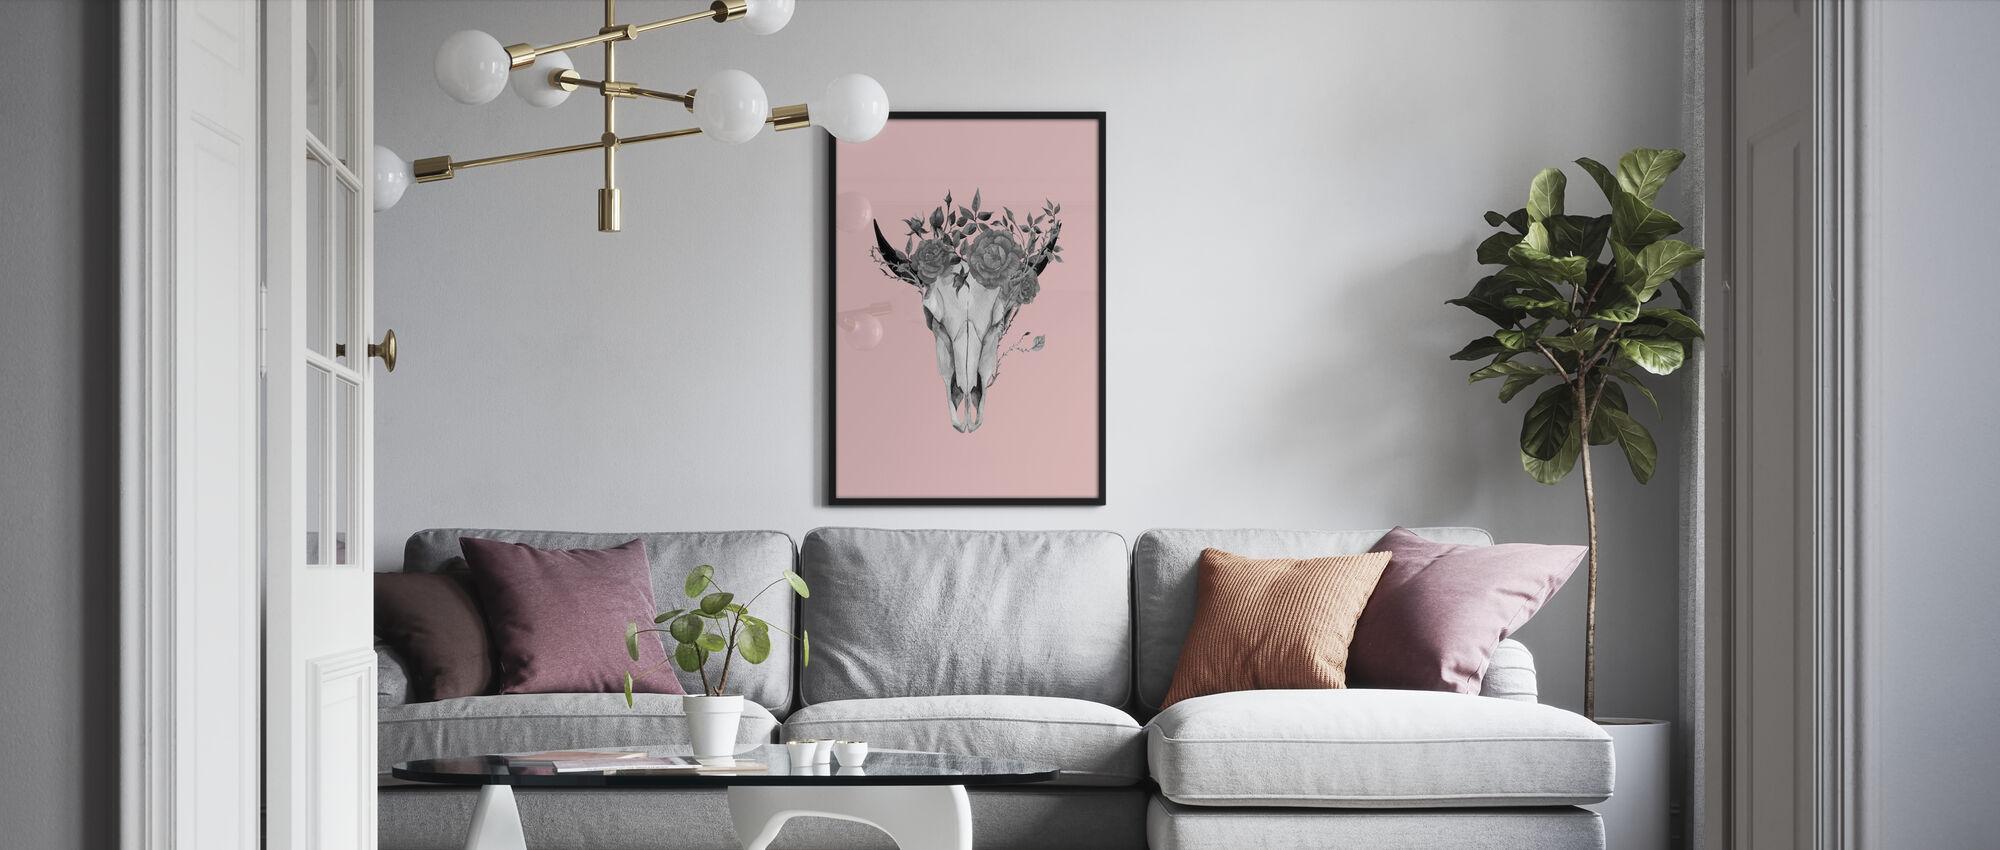 Blume Schädel - Poster - Wohnzimmer